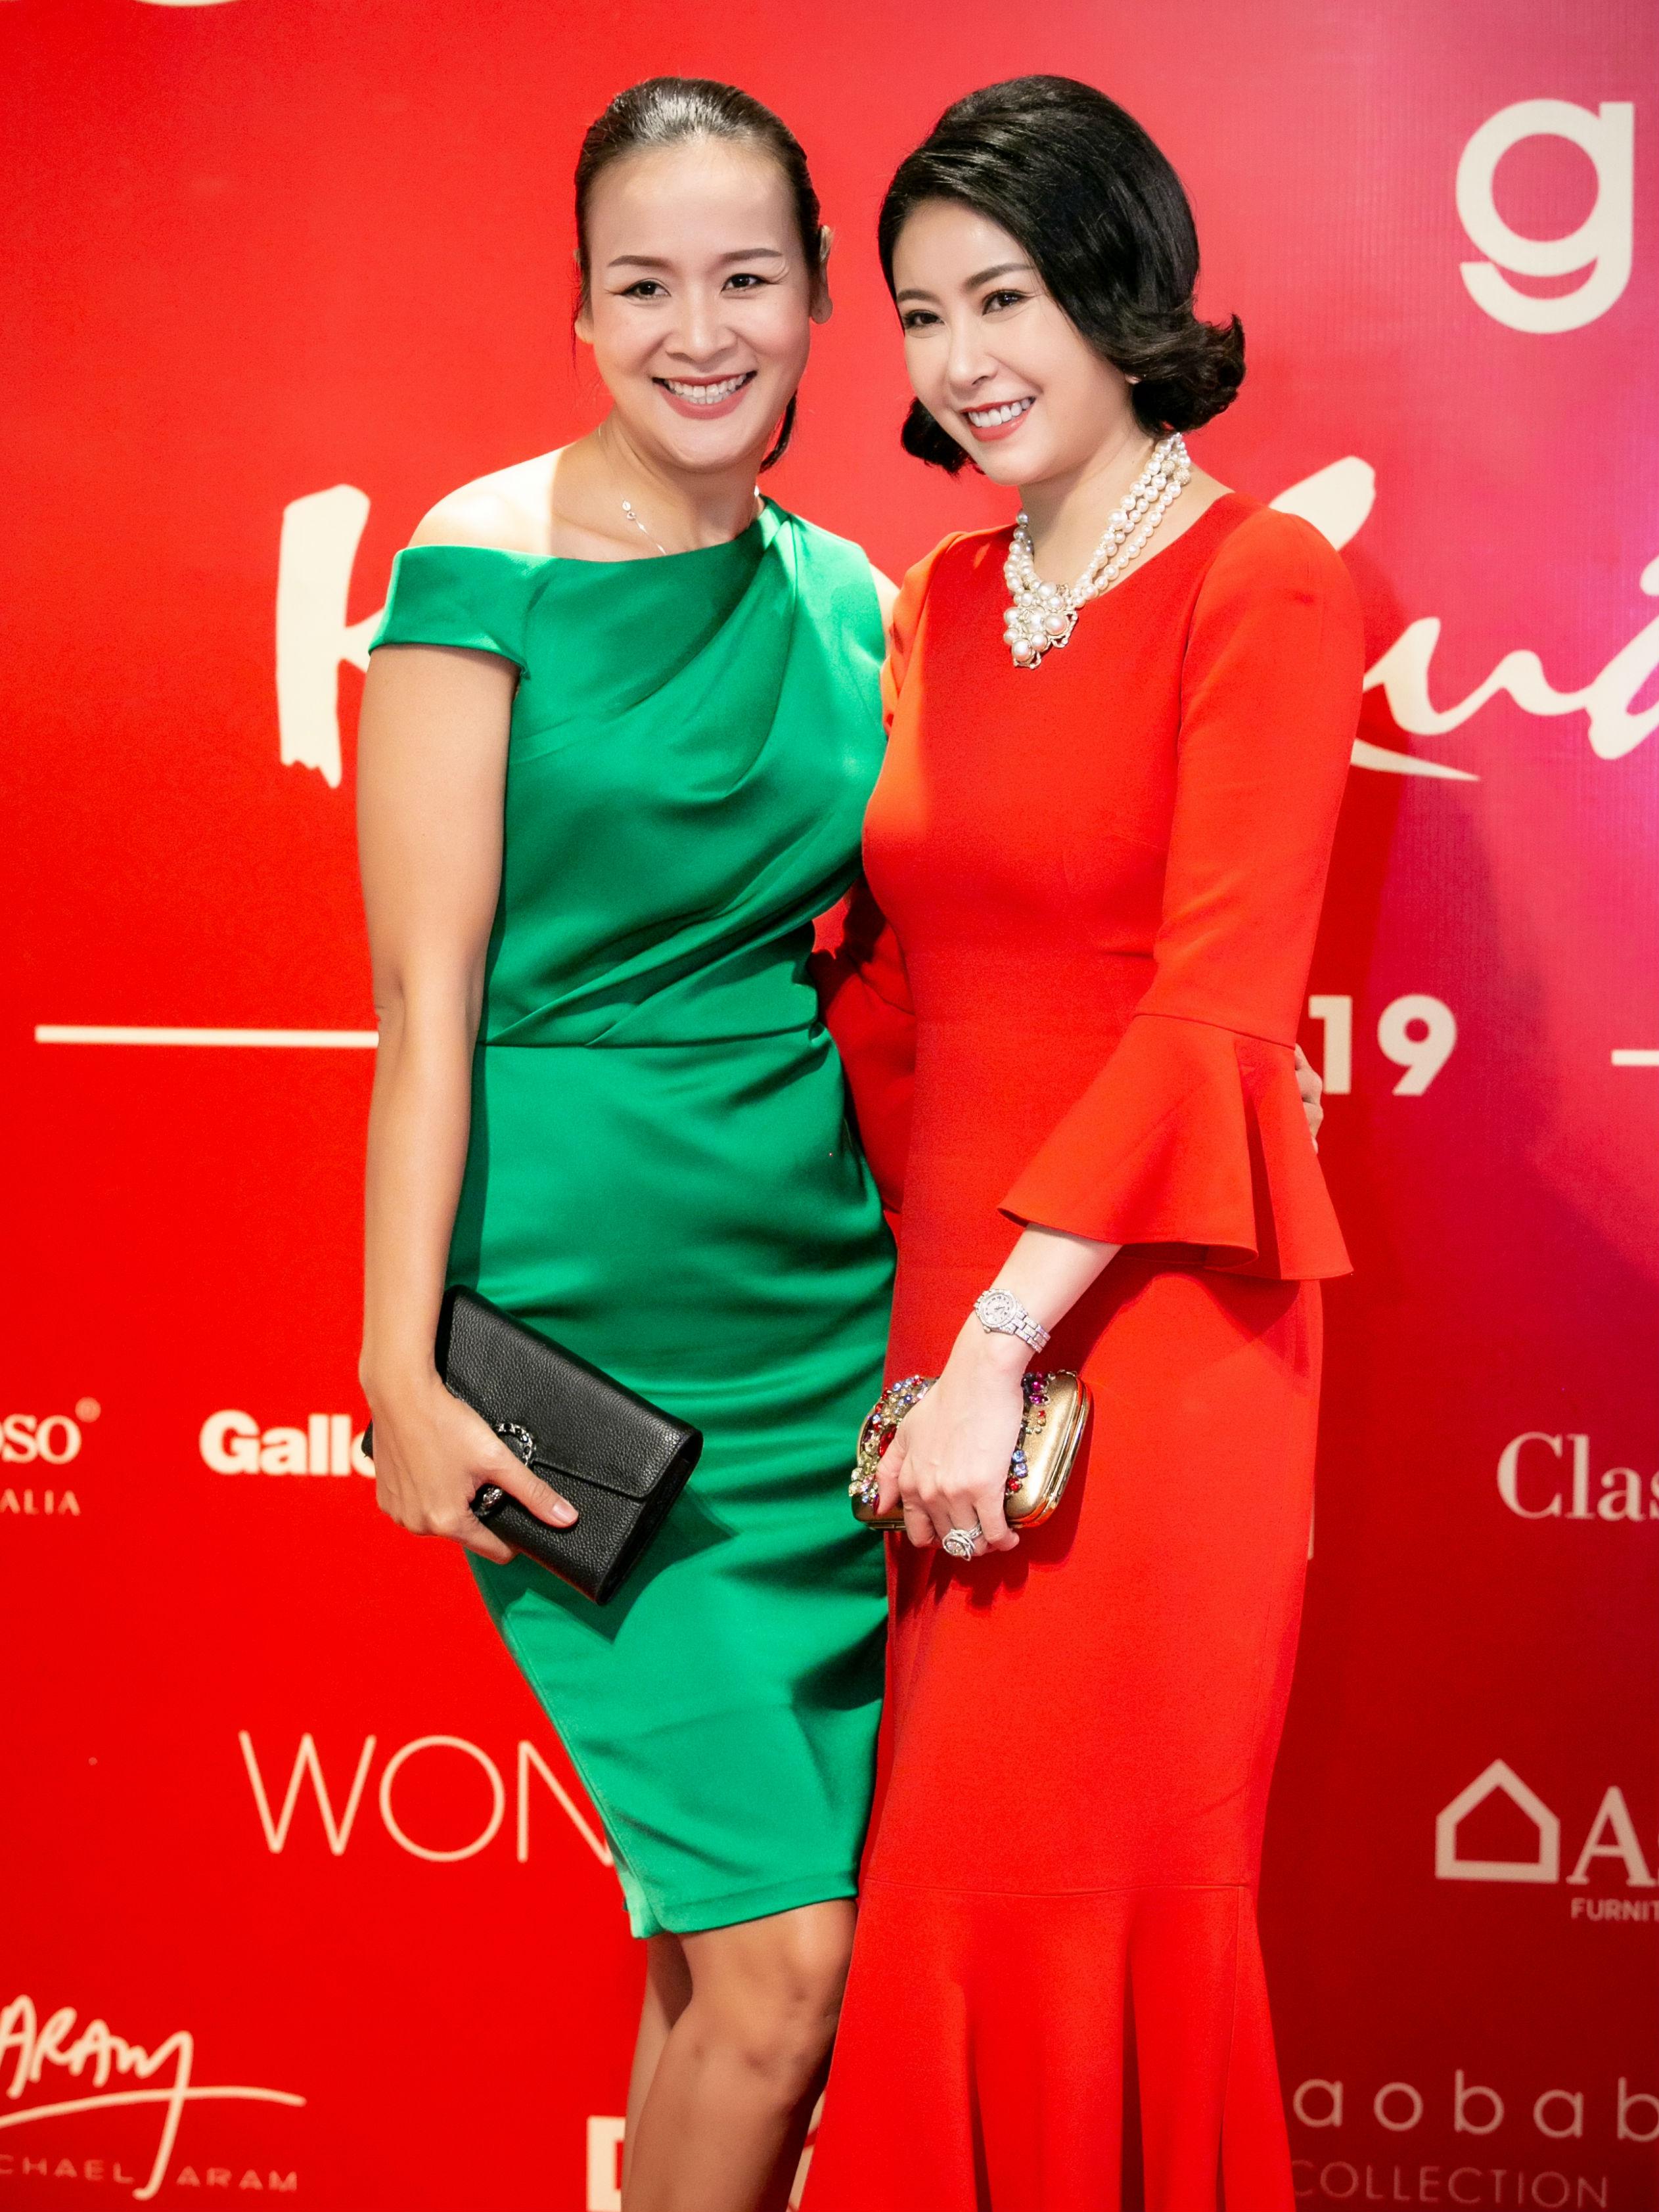 Hà Kiều Anh và Trần Bảo Ngọc hội ngộ. Dù trang phục của hai người đẹp có gam màu hoàn toàn đối lập nhưng khi đứng bên nhau vẫn rất hài hòa, ăn ý.